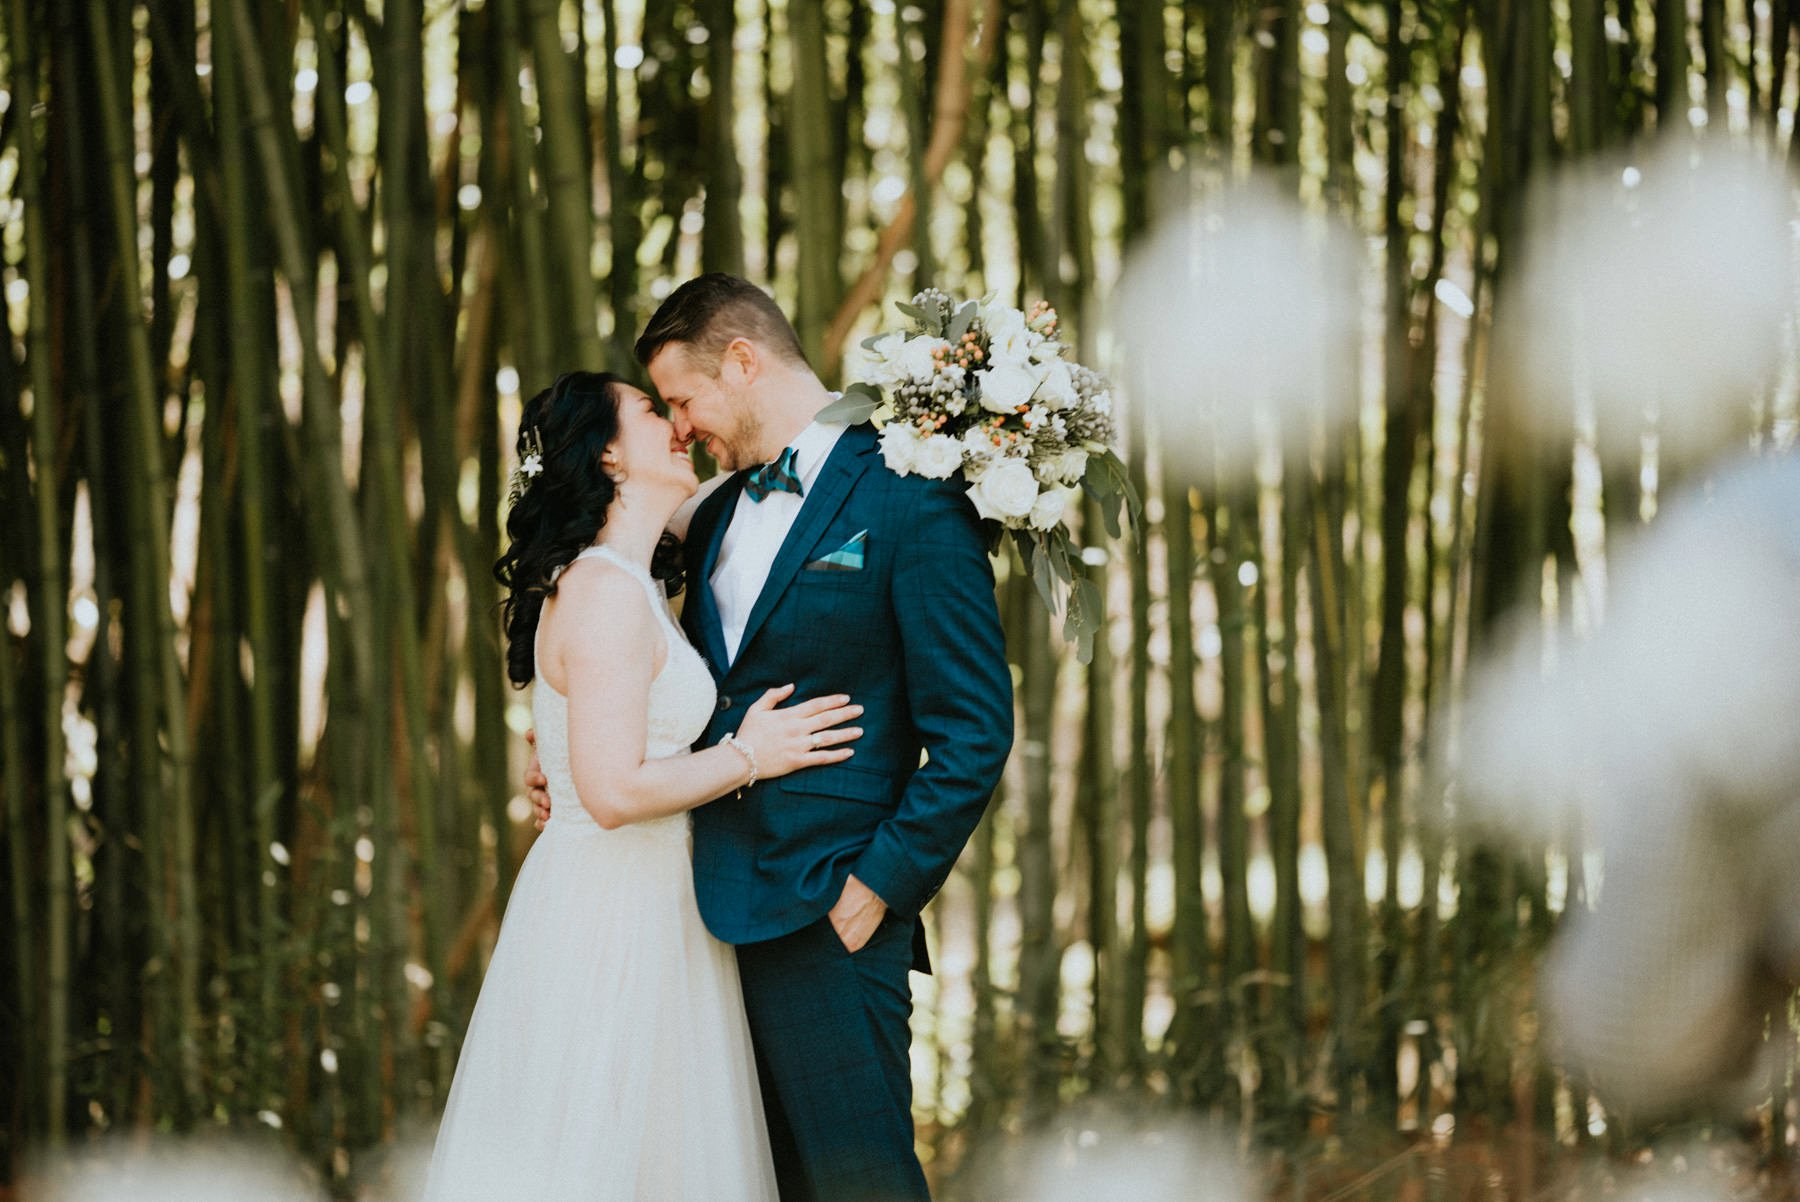 old-mill-rose-valley-wedding-21.jpg